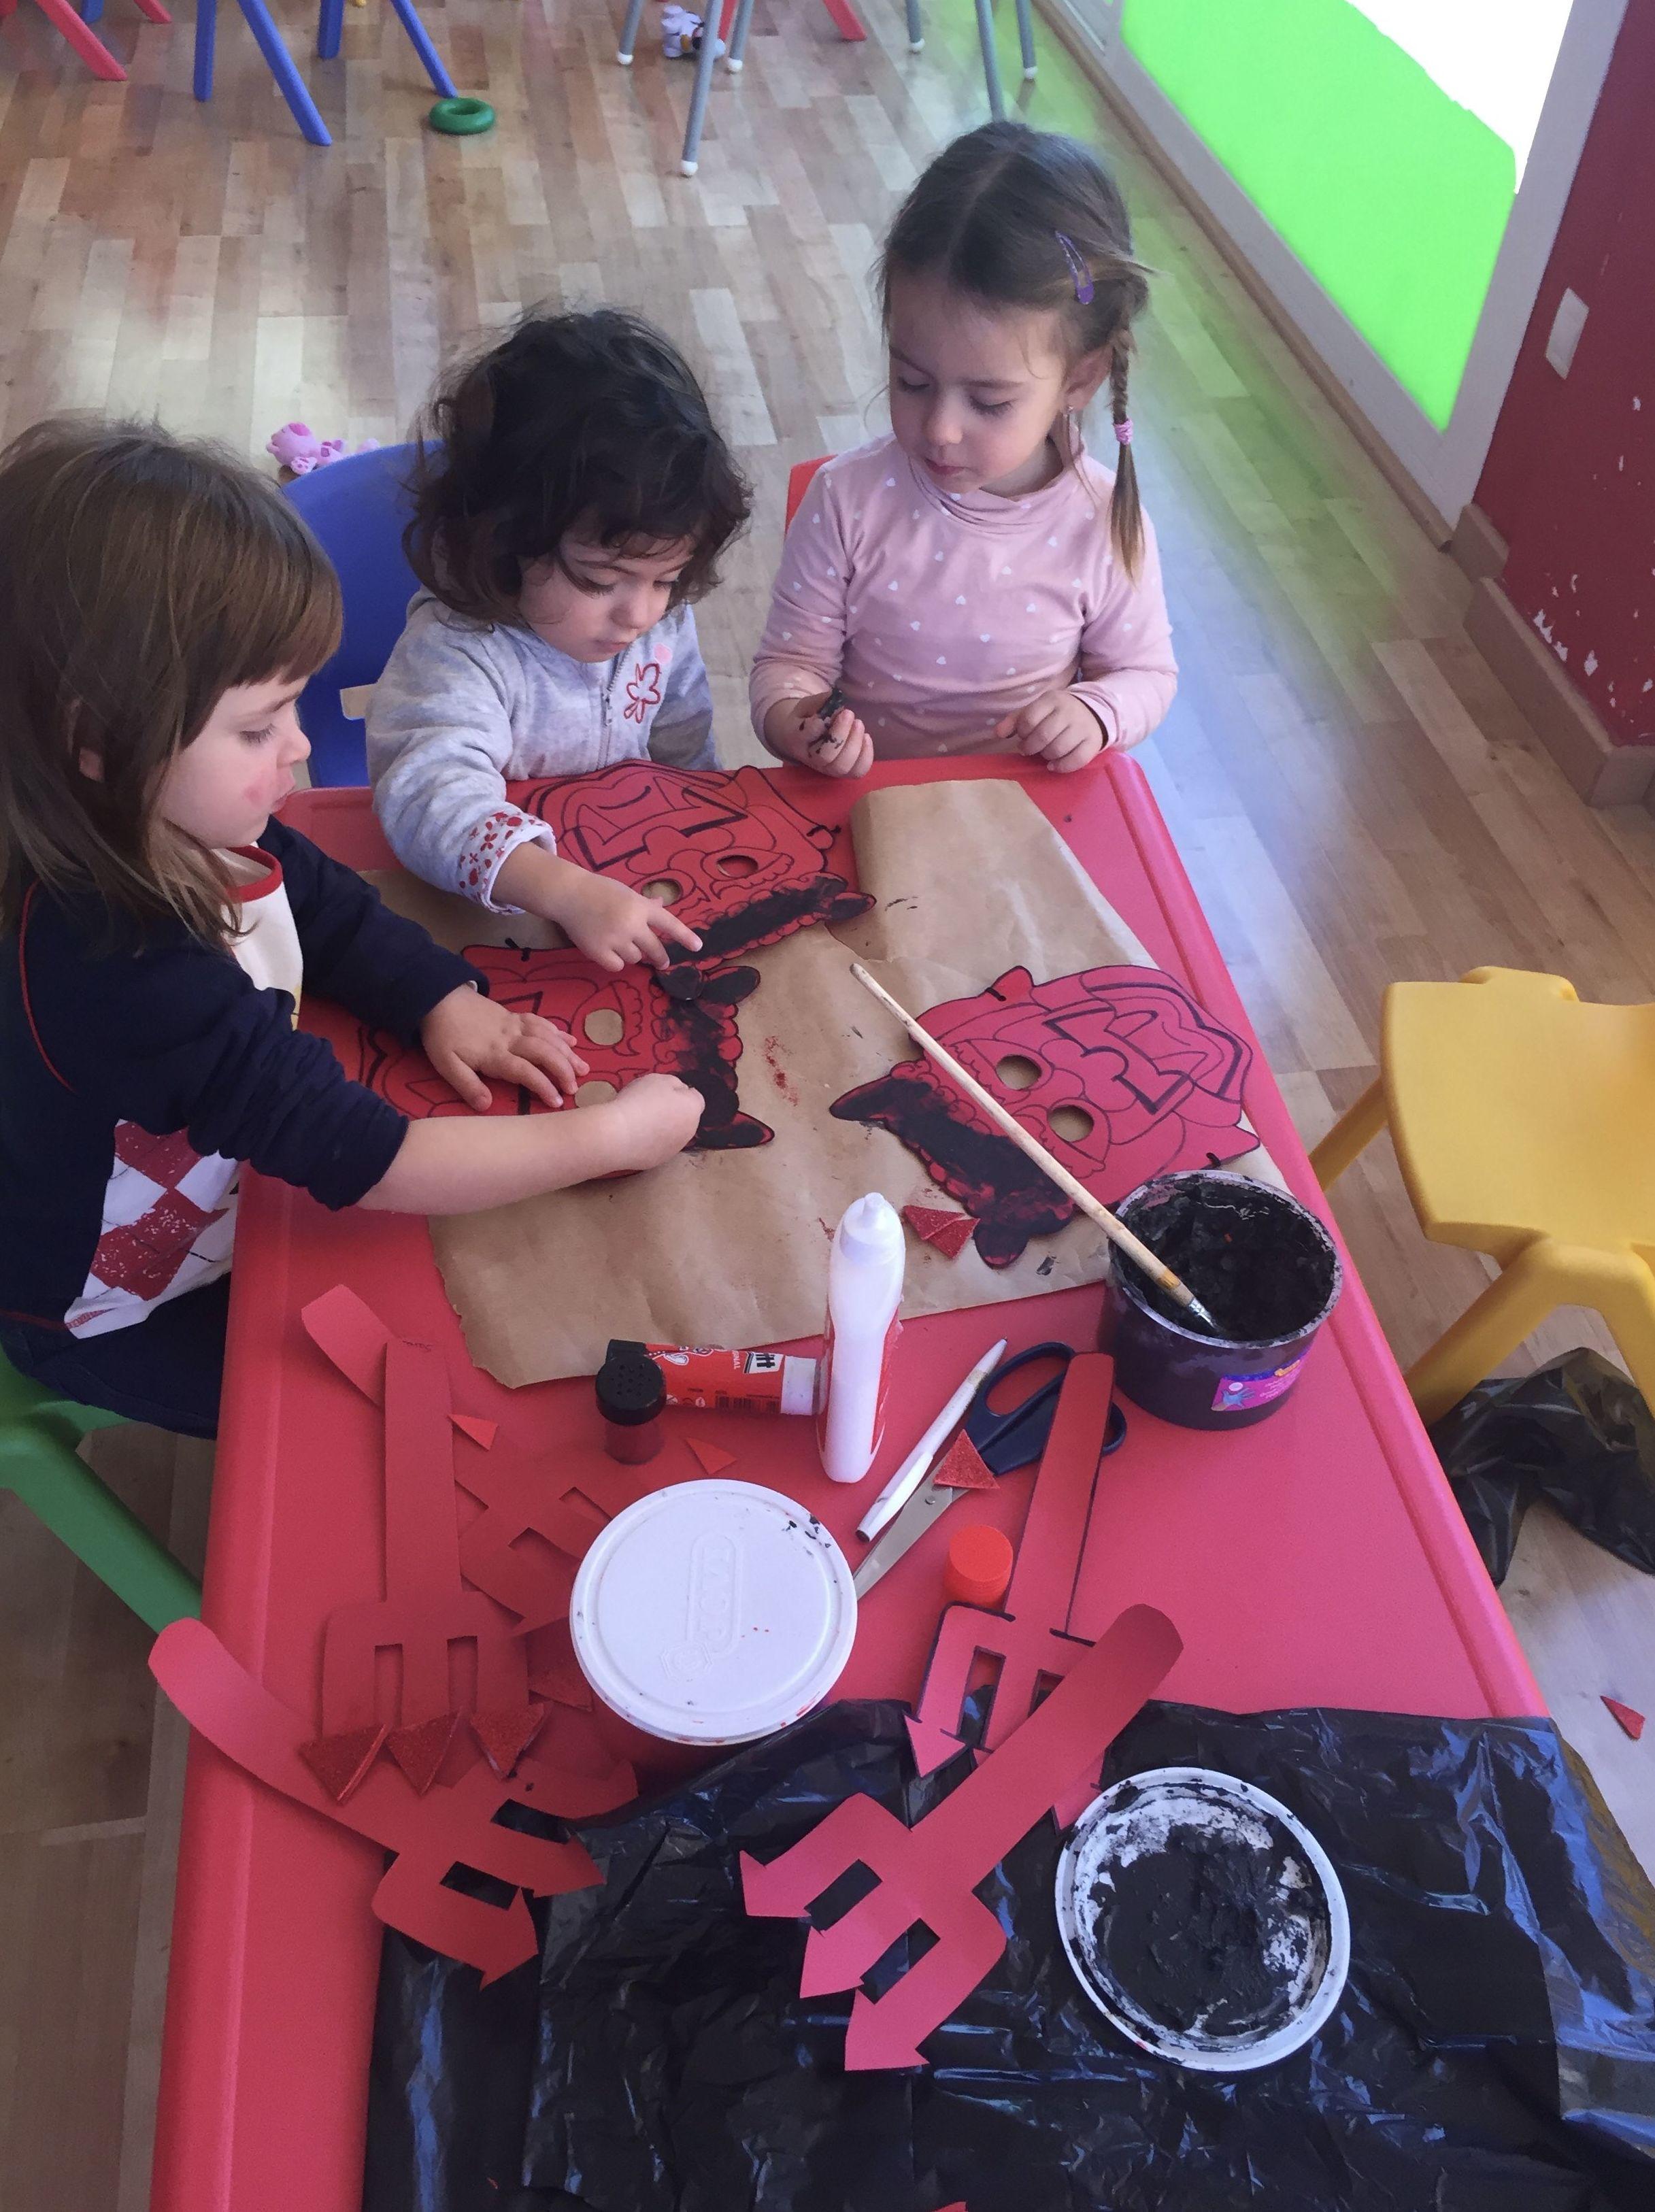 Foto 33 de Escuela infantil para niños de 0 a 3 años en Llucmajor | Escoleta Colibrís